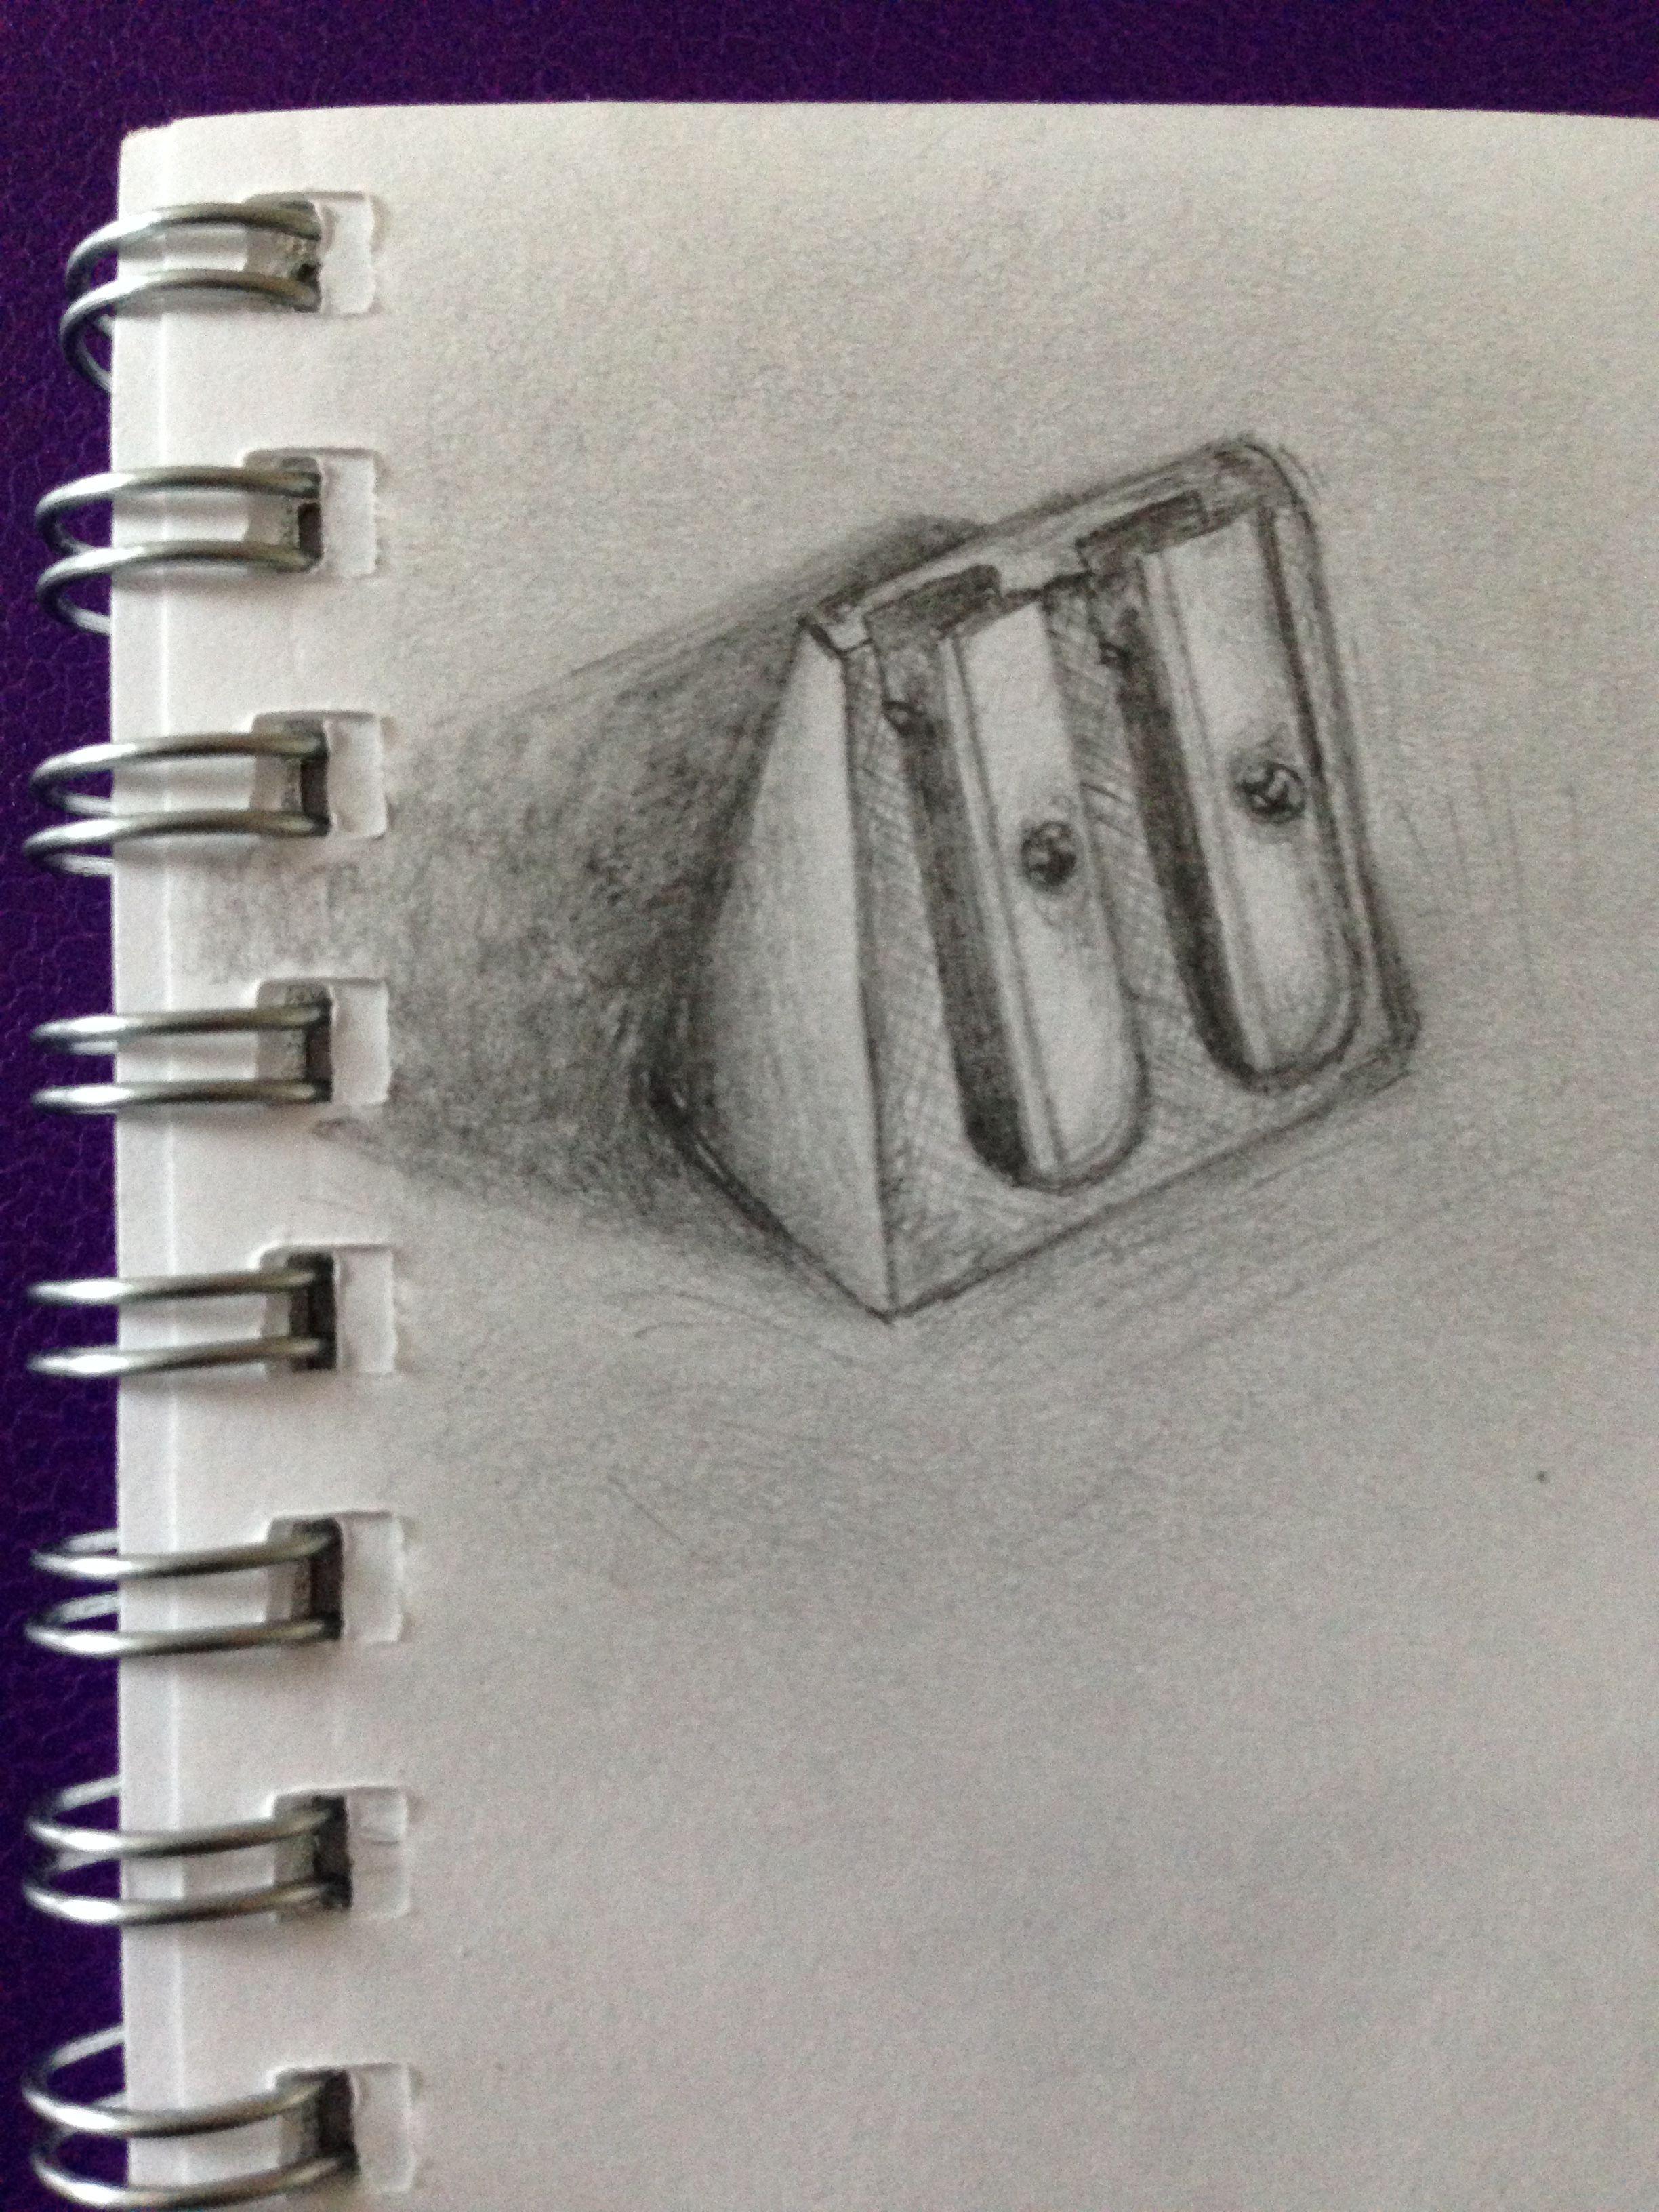 Quick sketch of a pencil sharpener